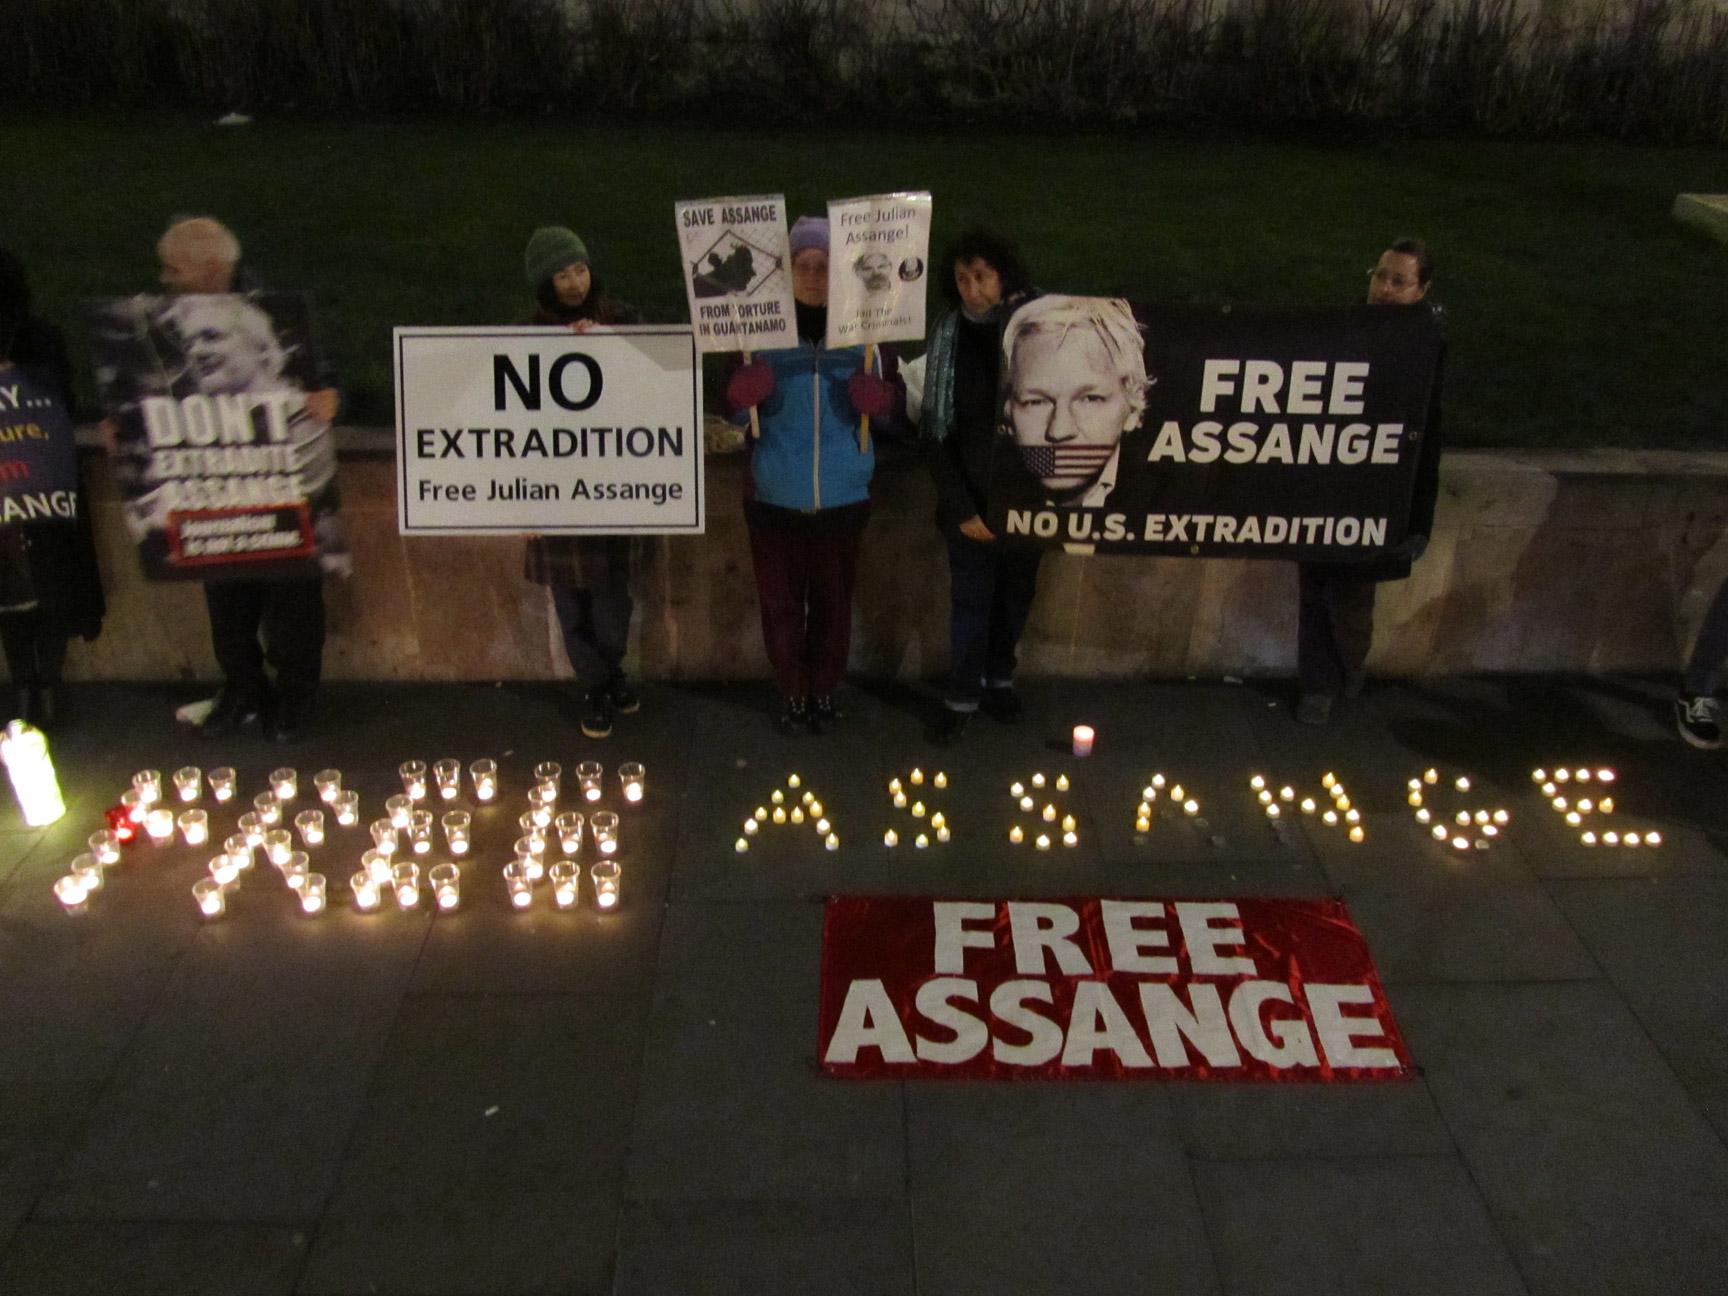 Assange-Mahnwachen nötiger denn je! In den Zeiten des ungebremsten Säbelrasselns gegenüber Iran durch die anhaltende US-GB Koalition hielt ich mich einmal mehr für ein paar Tage in London auf, um zu sehen, was sich in der Assange-Affäre tut. Leider nicht sehr viel von offizieller Seite, aber zum Glück sind seine Unterstützer nach wie vor sehr aktiv und in Deutschland und Belgien gehen die Aktivisten mit gutem Beispiel voran. Siehe dazu auch die Hinweise am Ende. Eine Zusammenfassung der Zeit zwischen den Jahren von Moritz Müller...